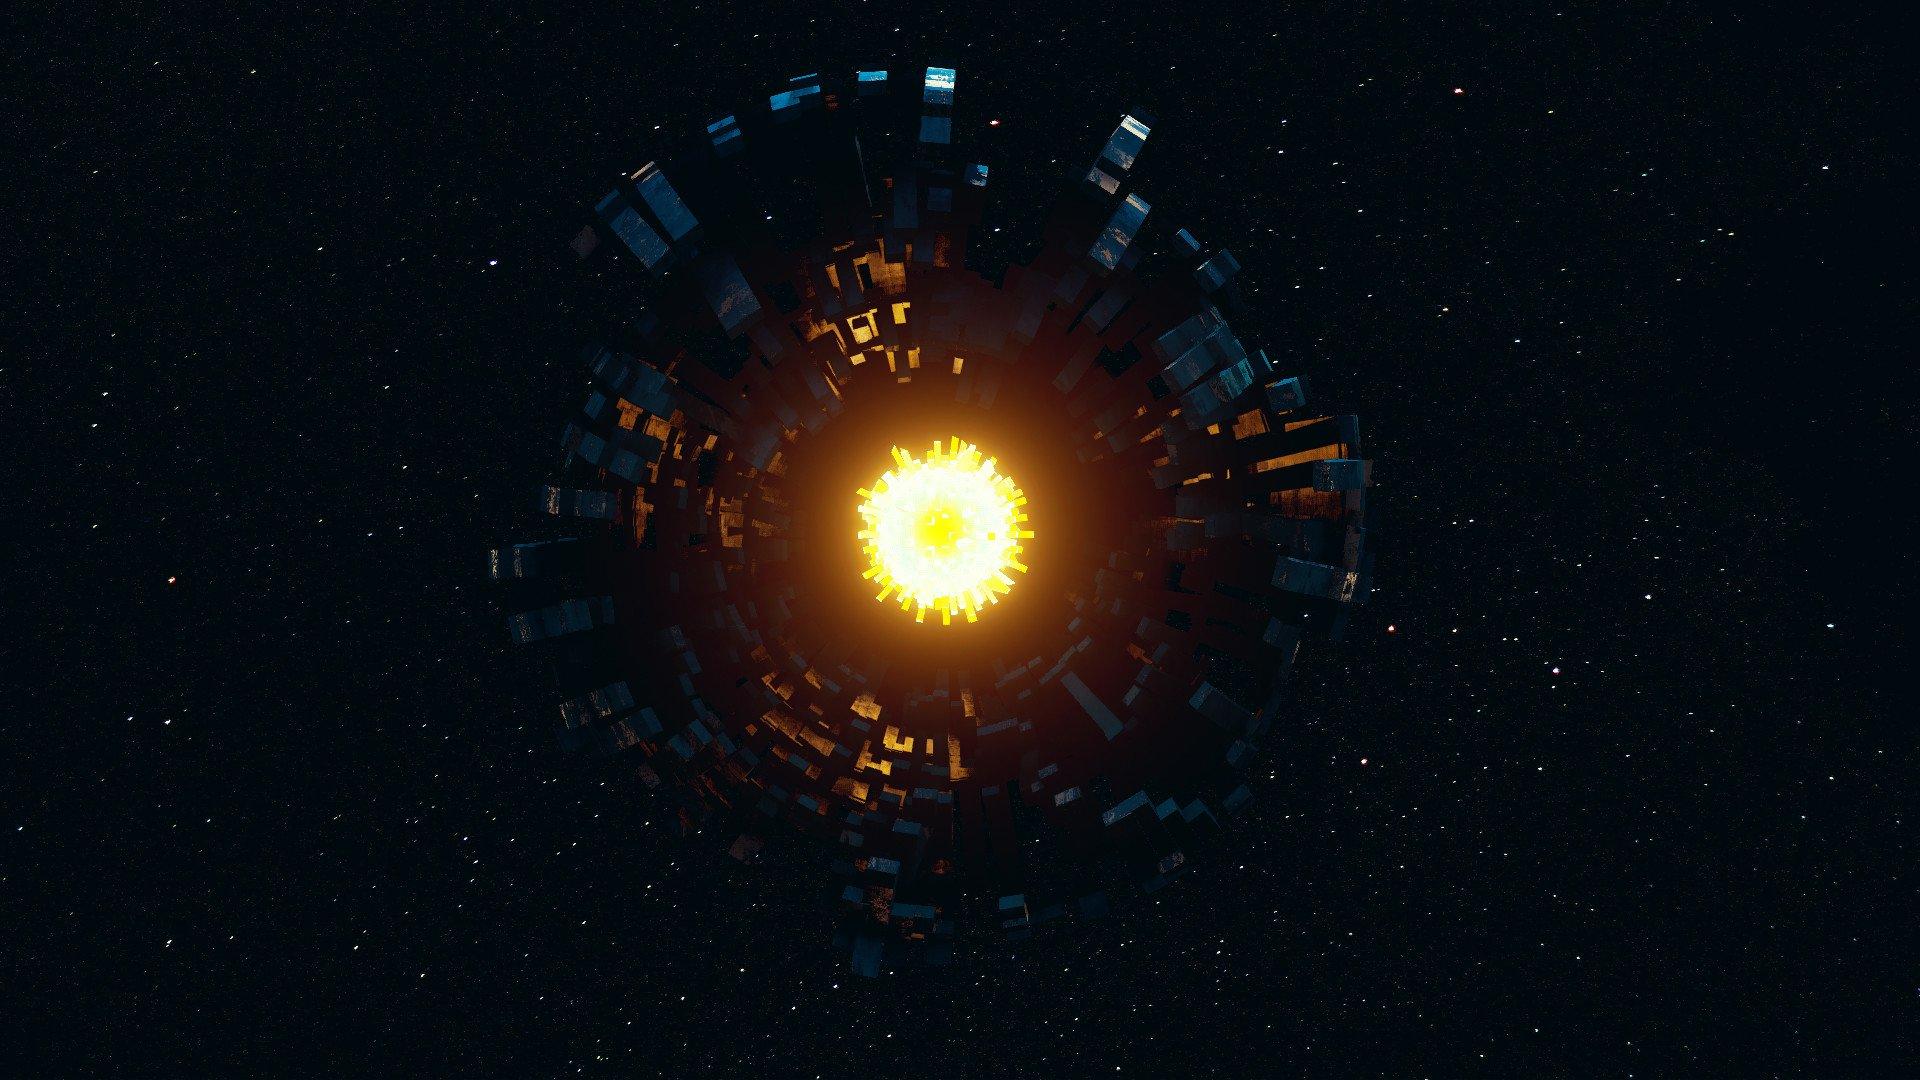 Неимоверное свечение звезды Табби пробуют выяснить ученые